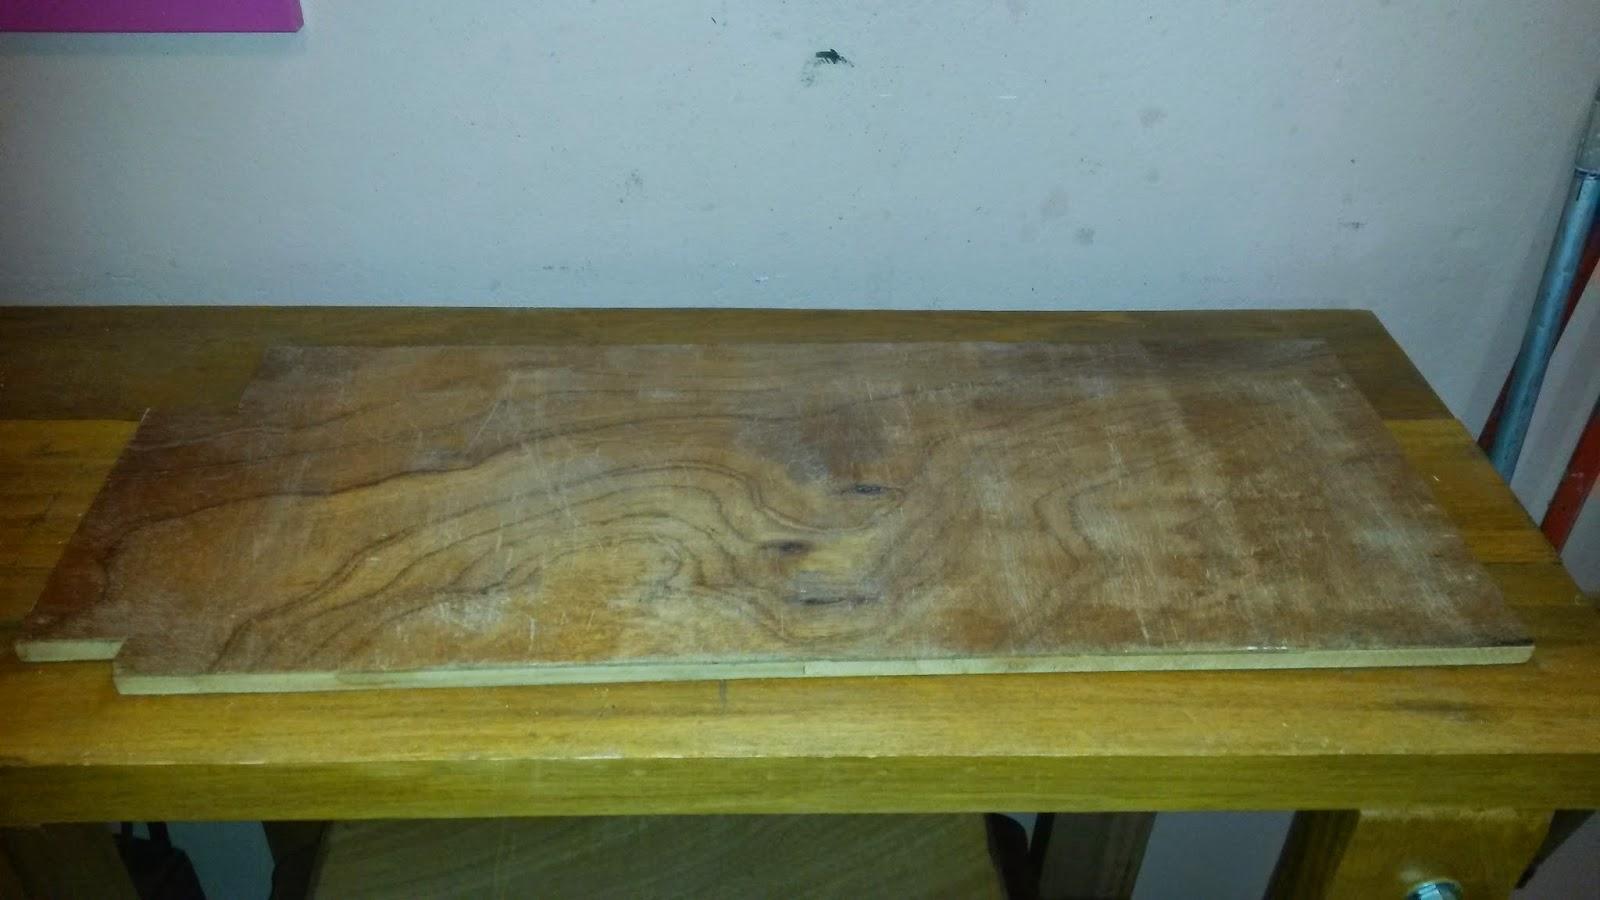 Oficina do Quintal: Como fazer um aparador com restos de madeira #5C4D24 1600x900